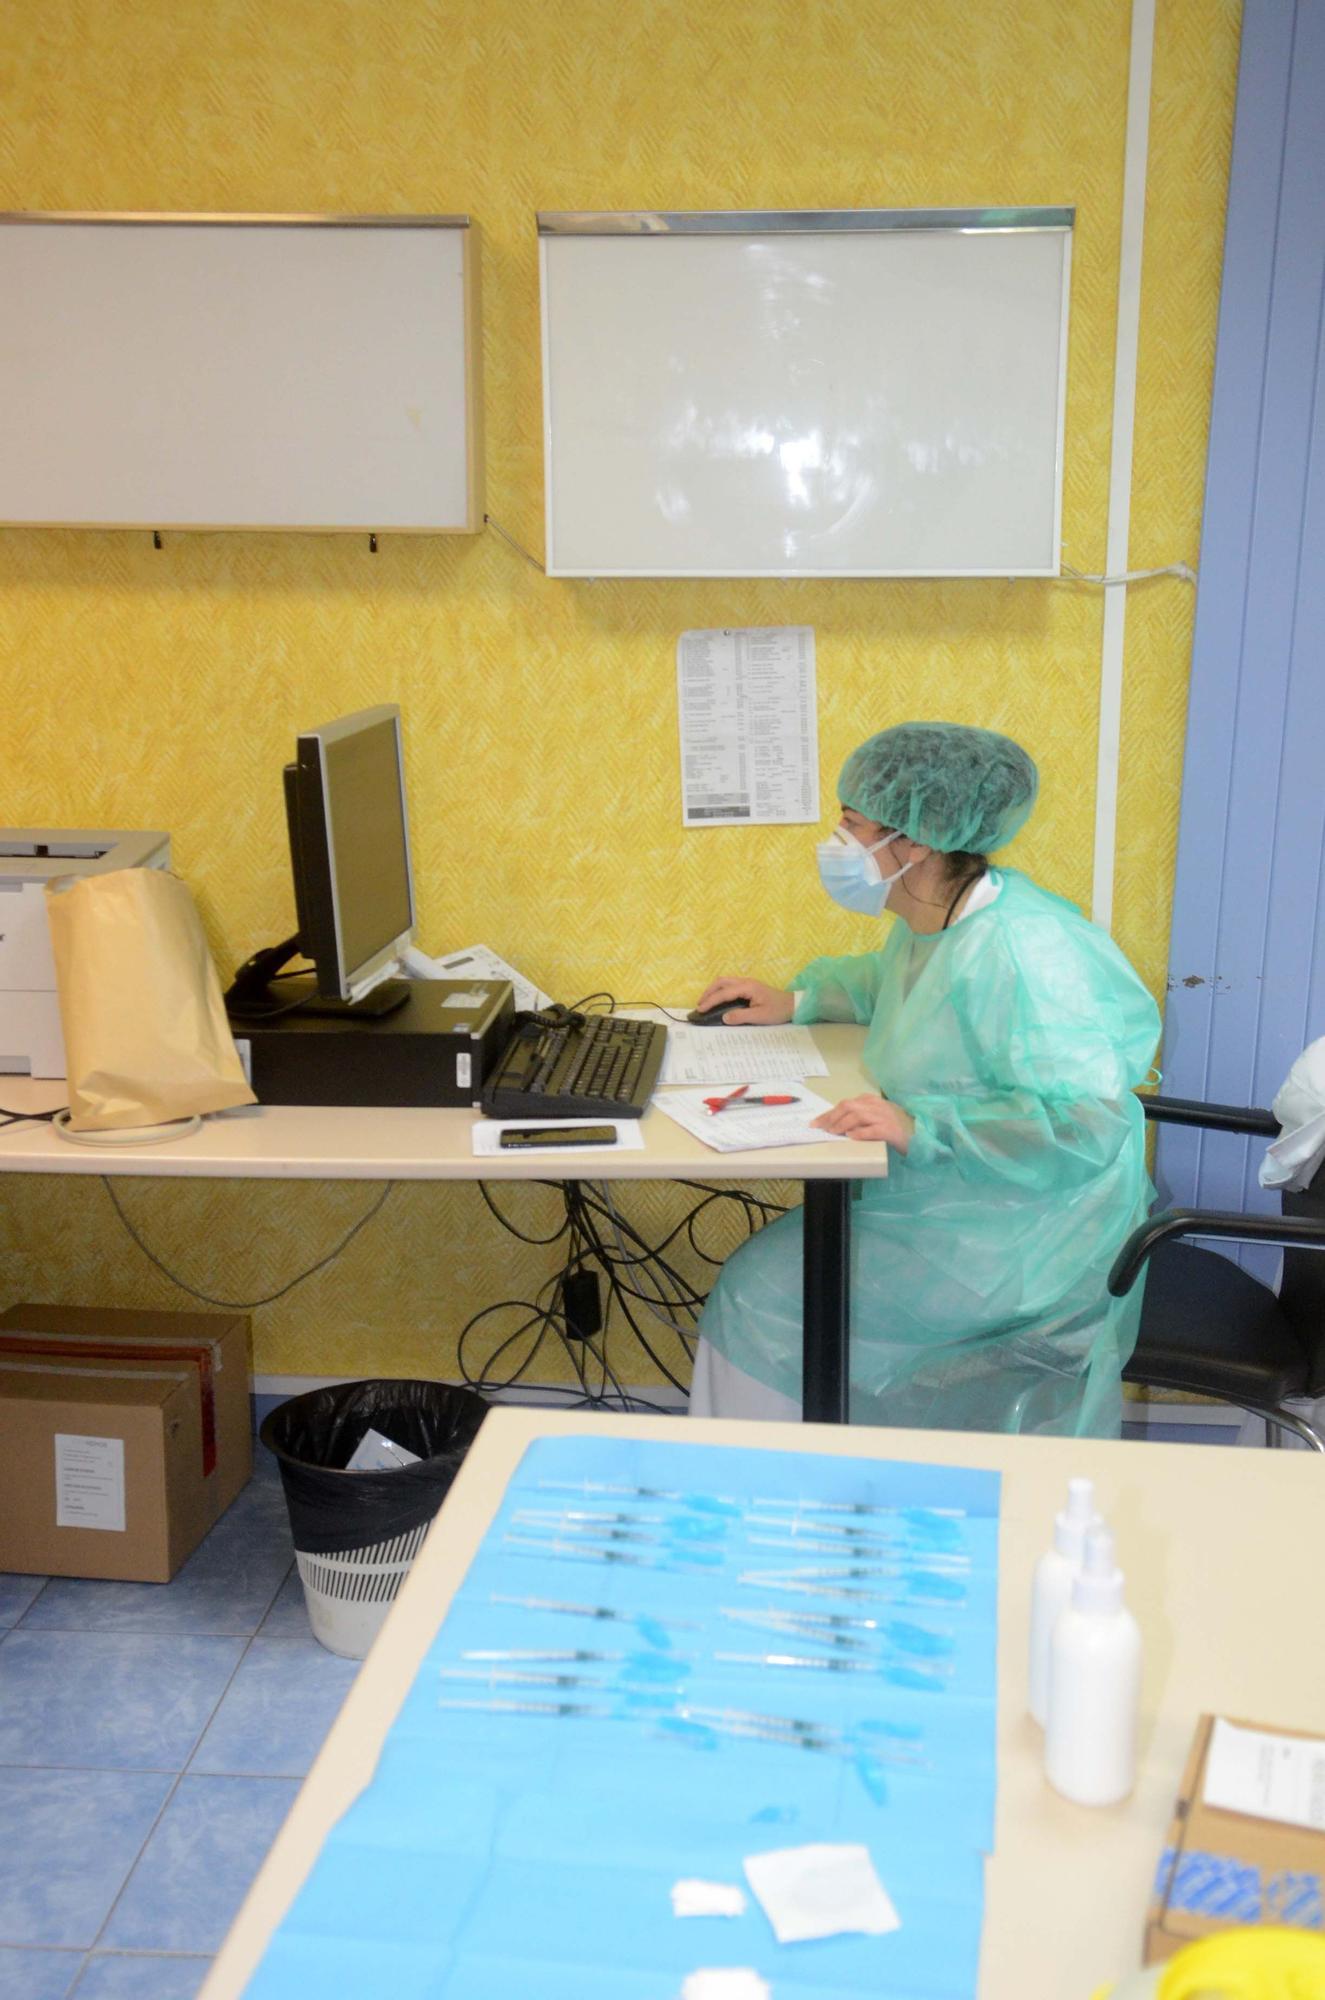 Vacunación COVID en el centro de salud de Vilagarcía